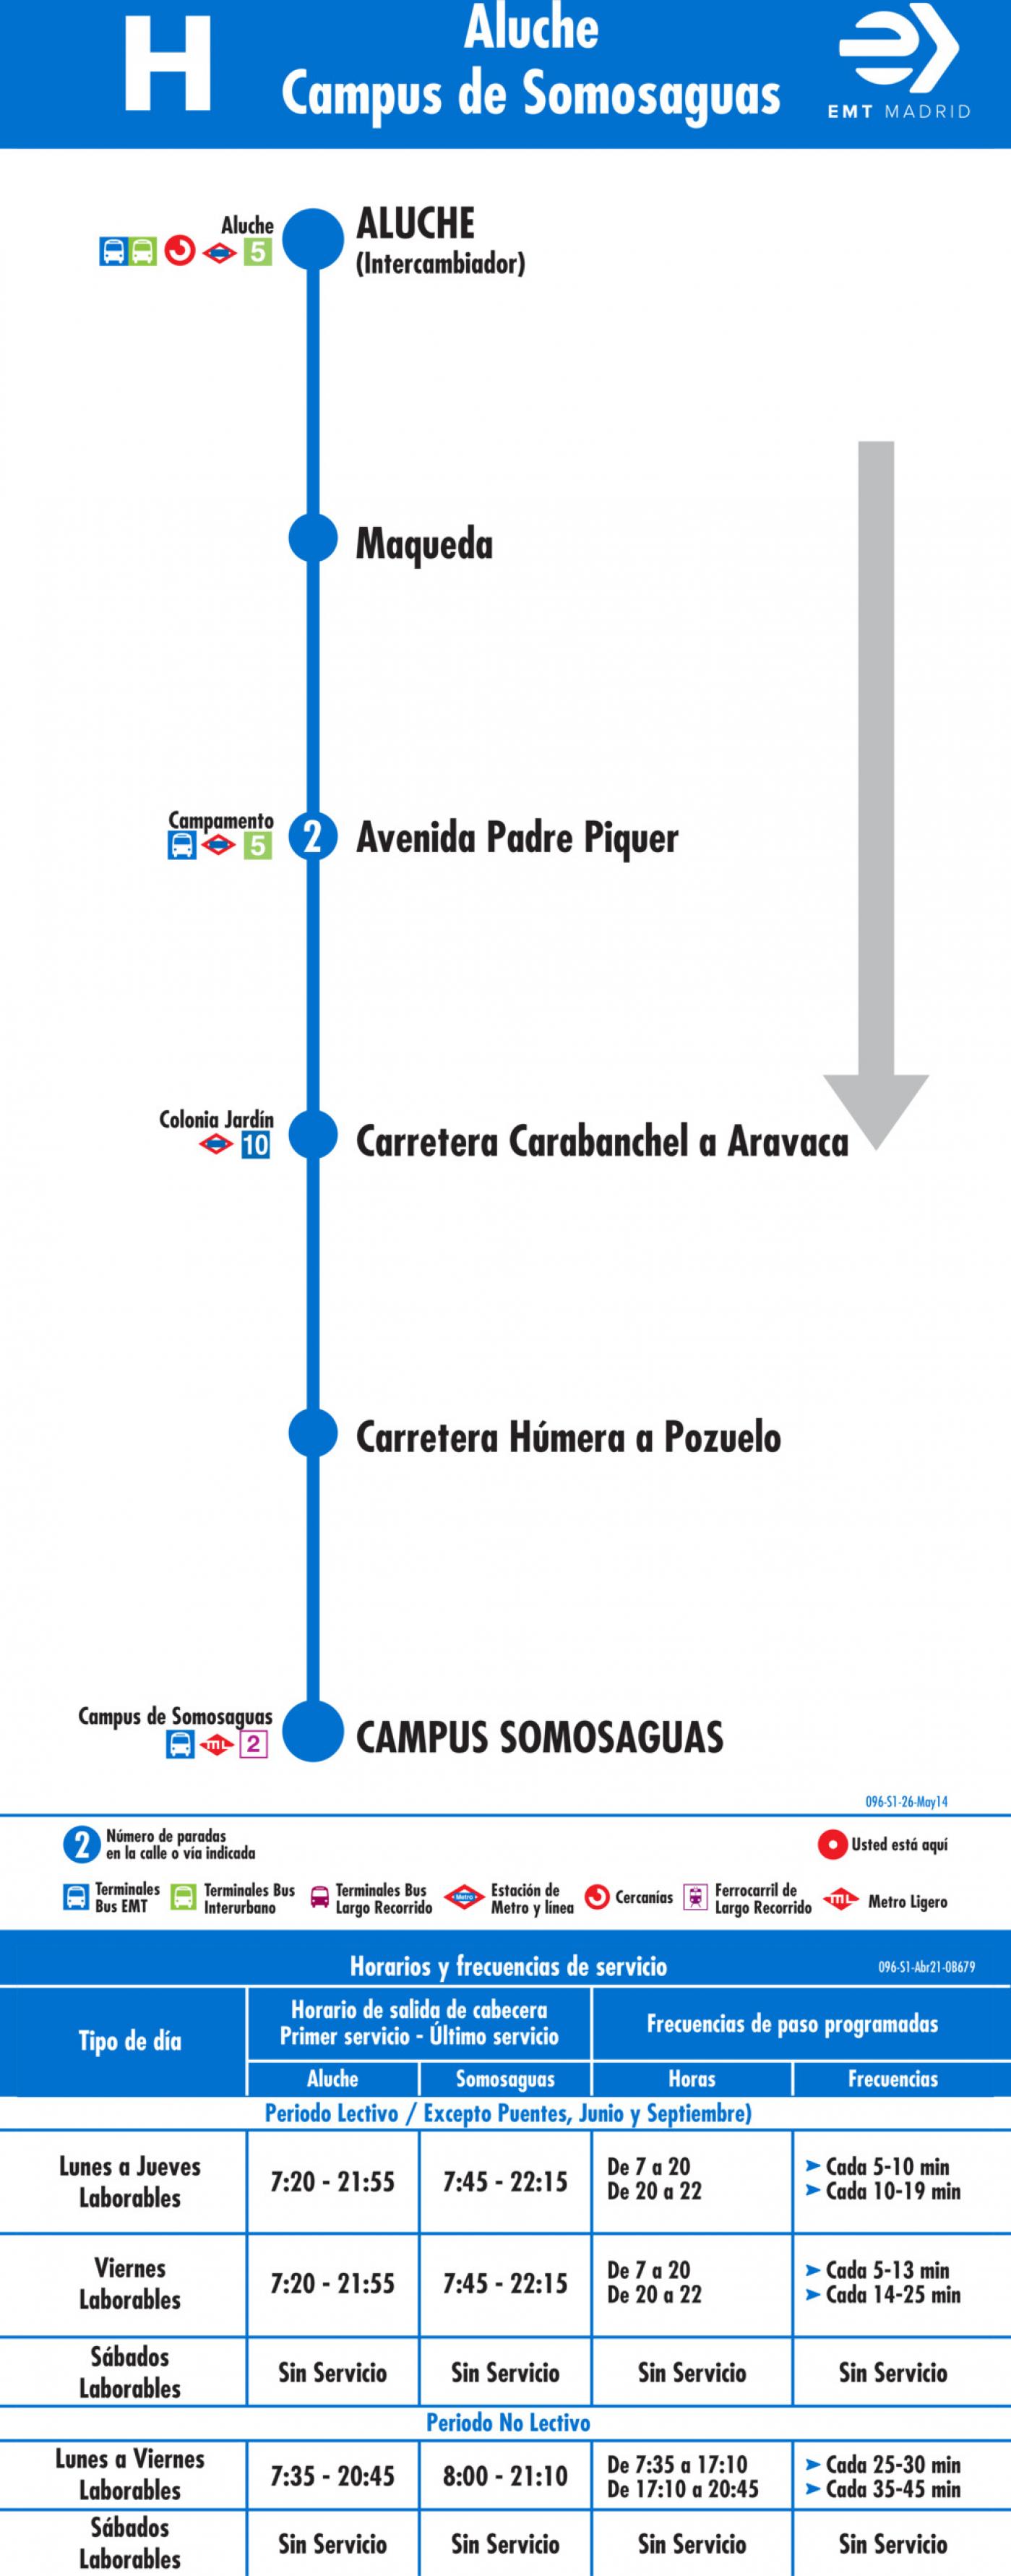 Tabla de horarios y frecuencias de paso en sentido ida Línea H: Aluche - Campus de Somosaguas